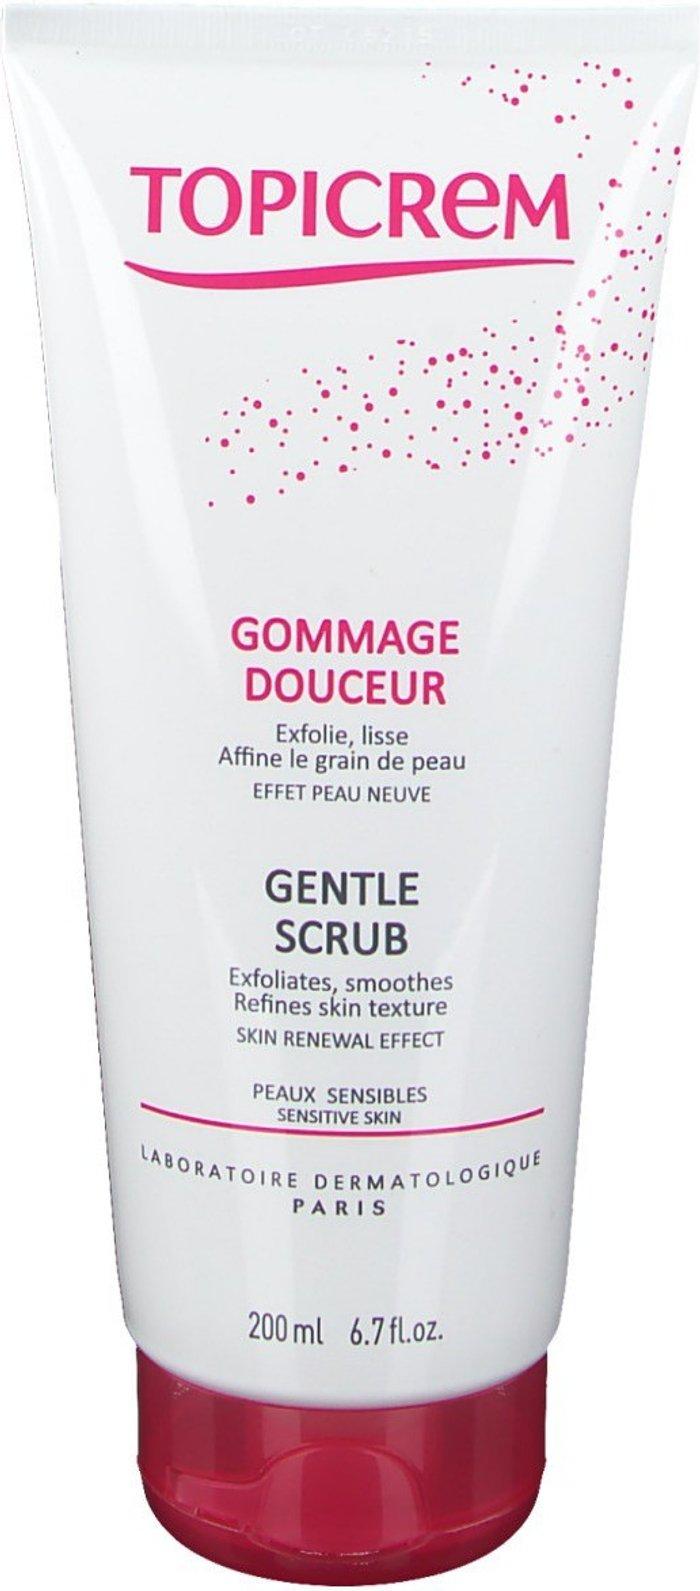 Topicrem Topicrem Gentle Scrub (200ml)